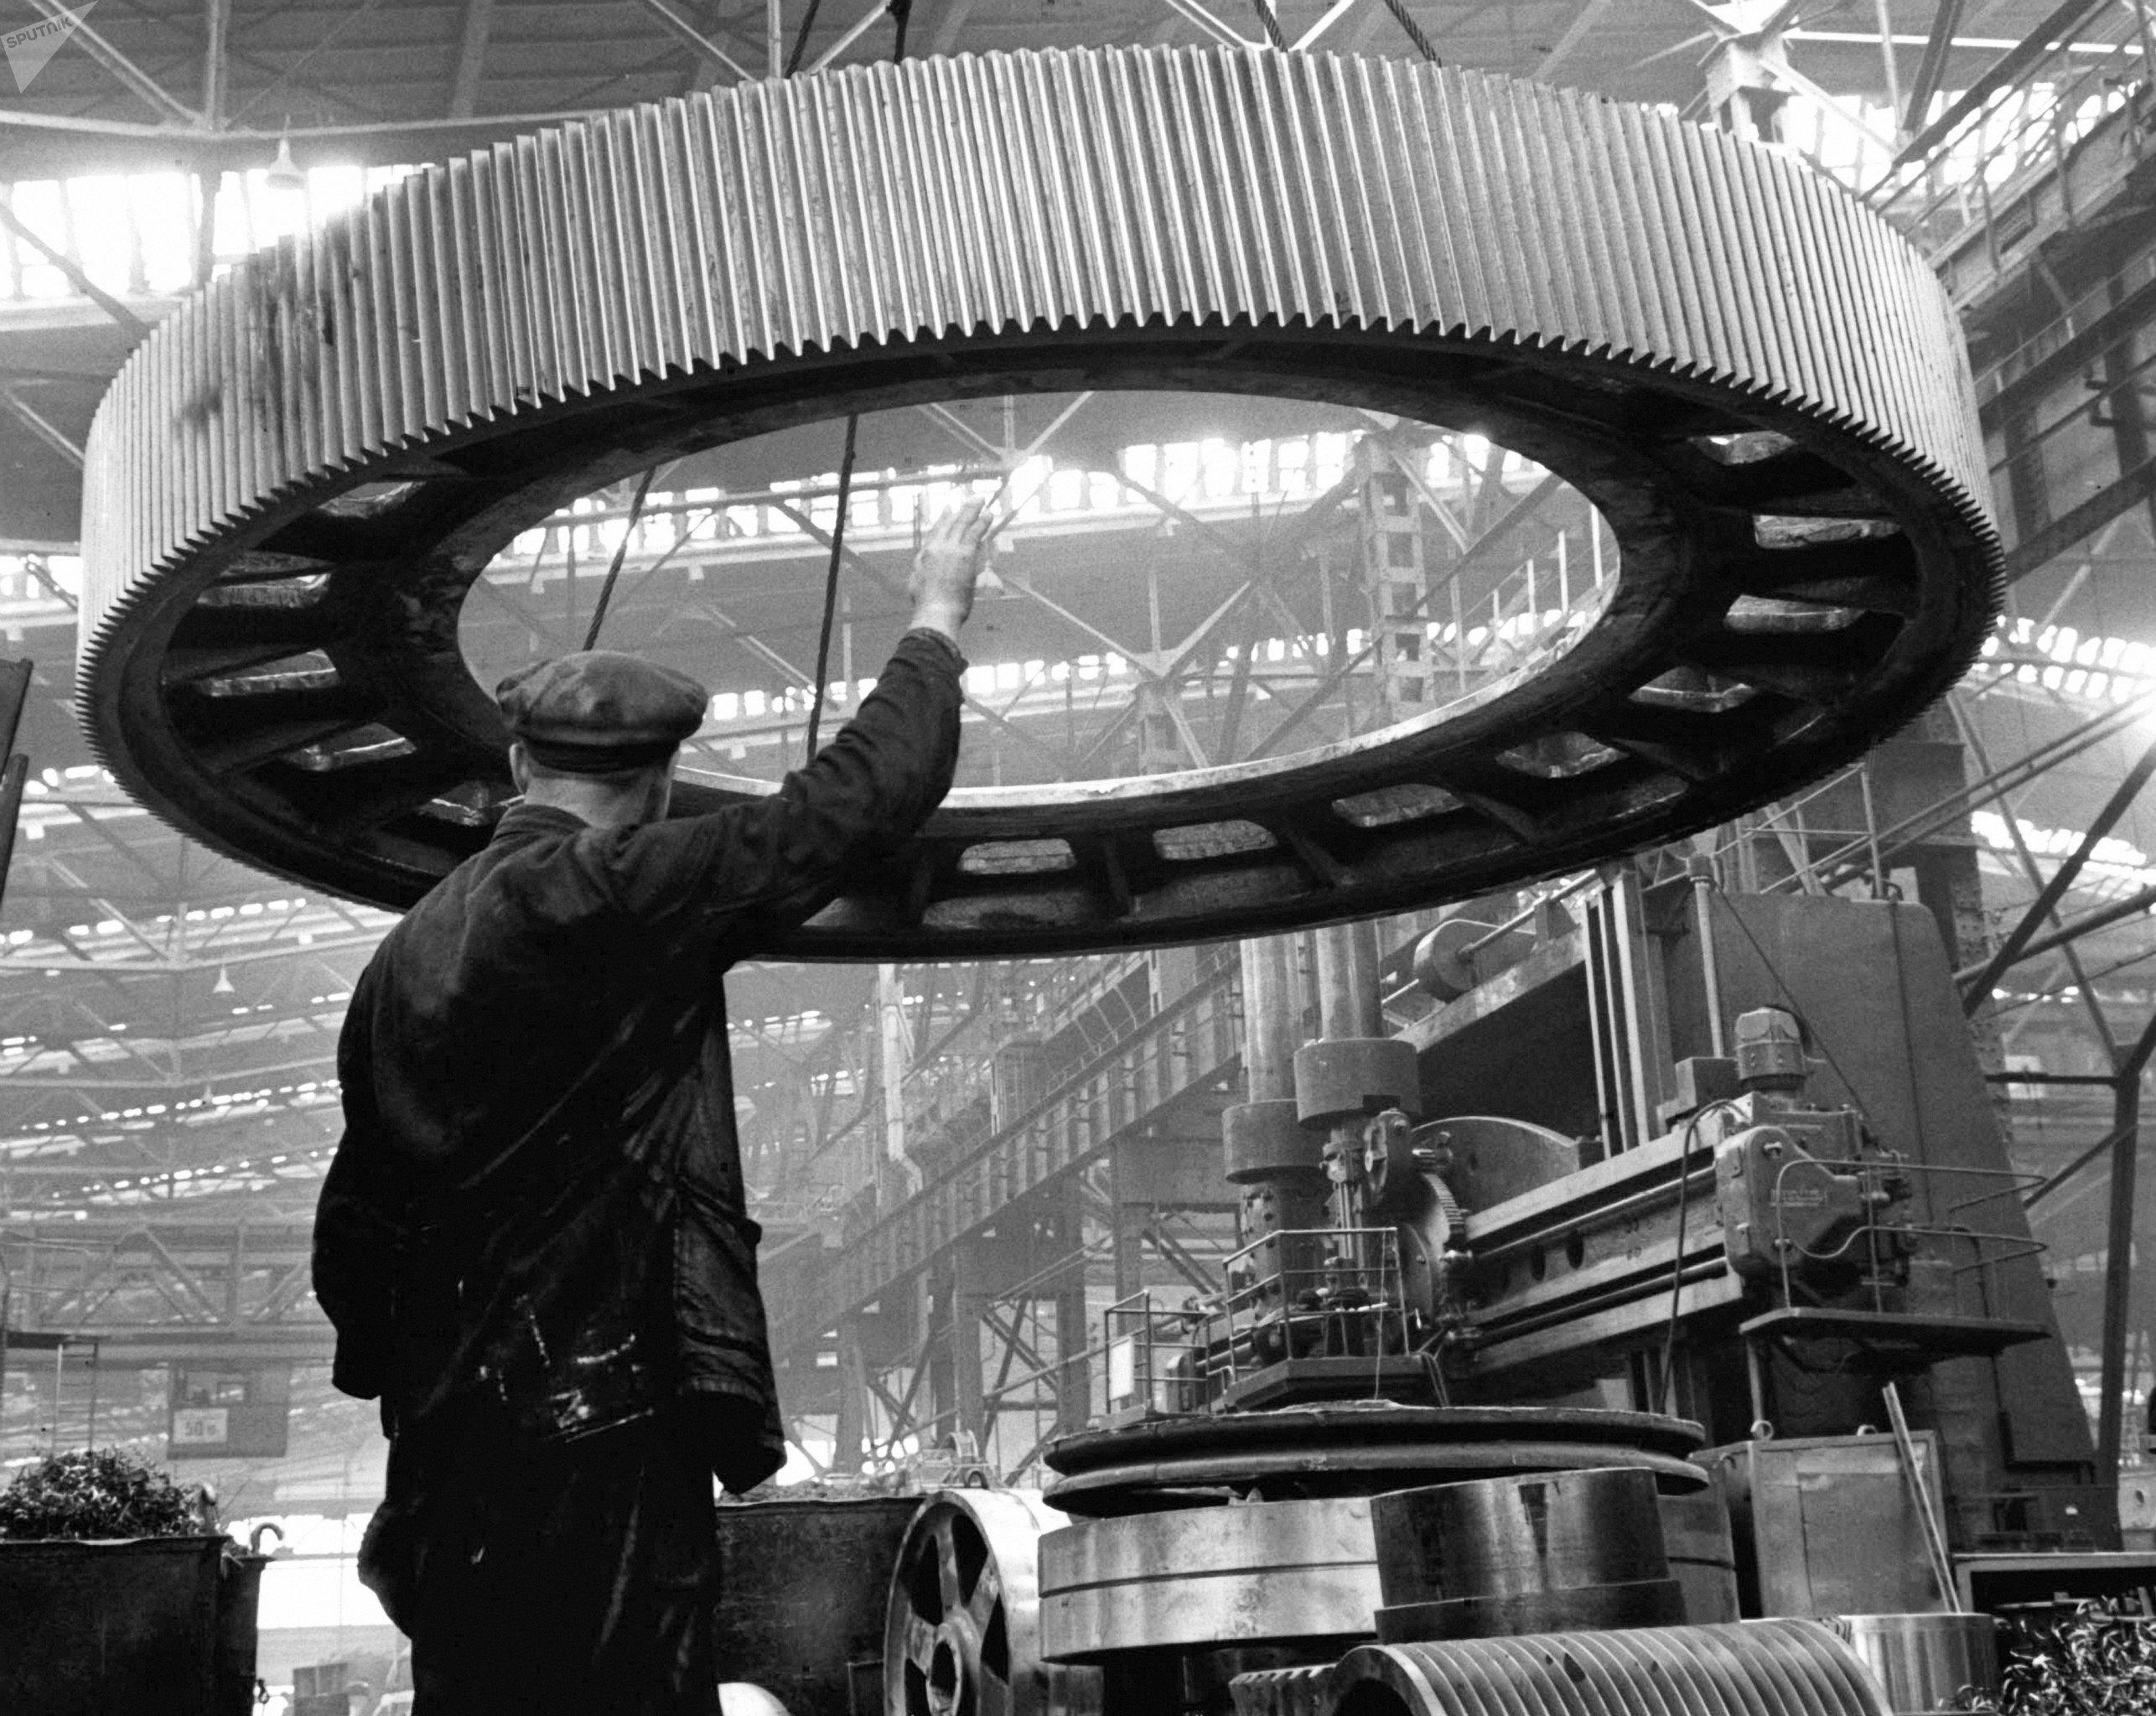 Уральский завод тяжелого машиностроения